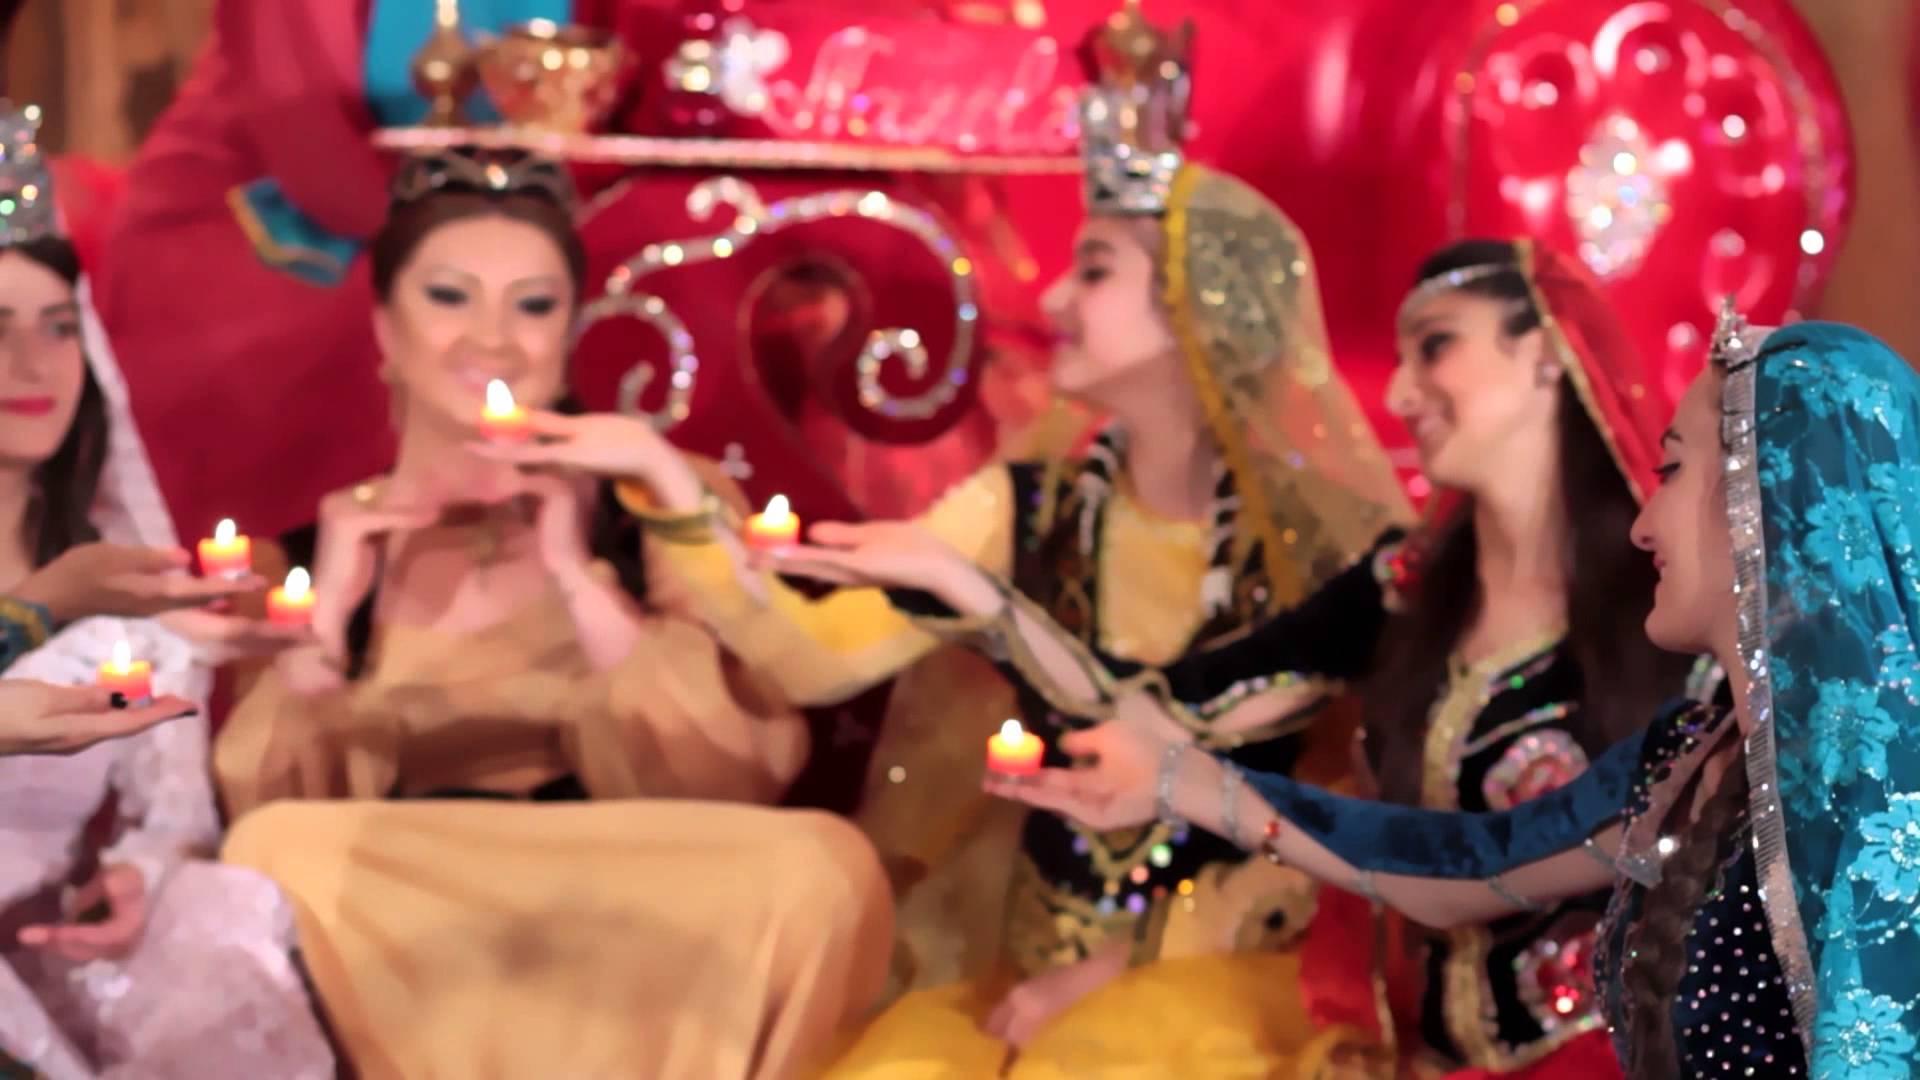 Азербайджанцы свадбенгый ночь с невестой #7